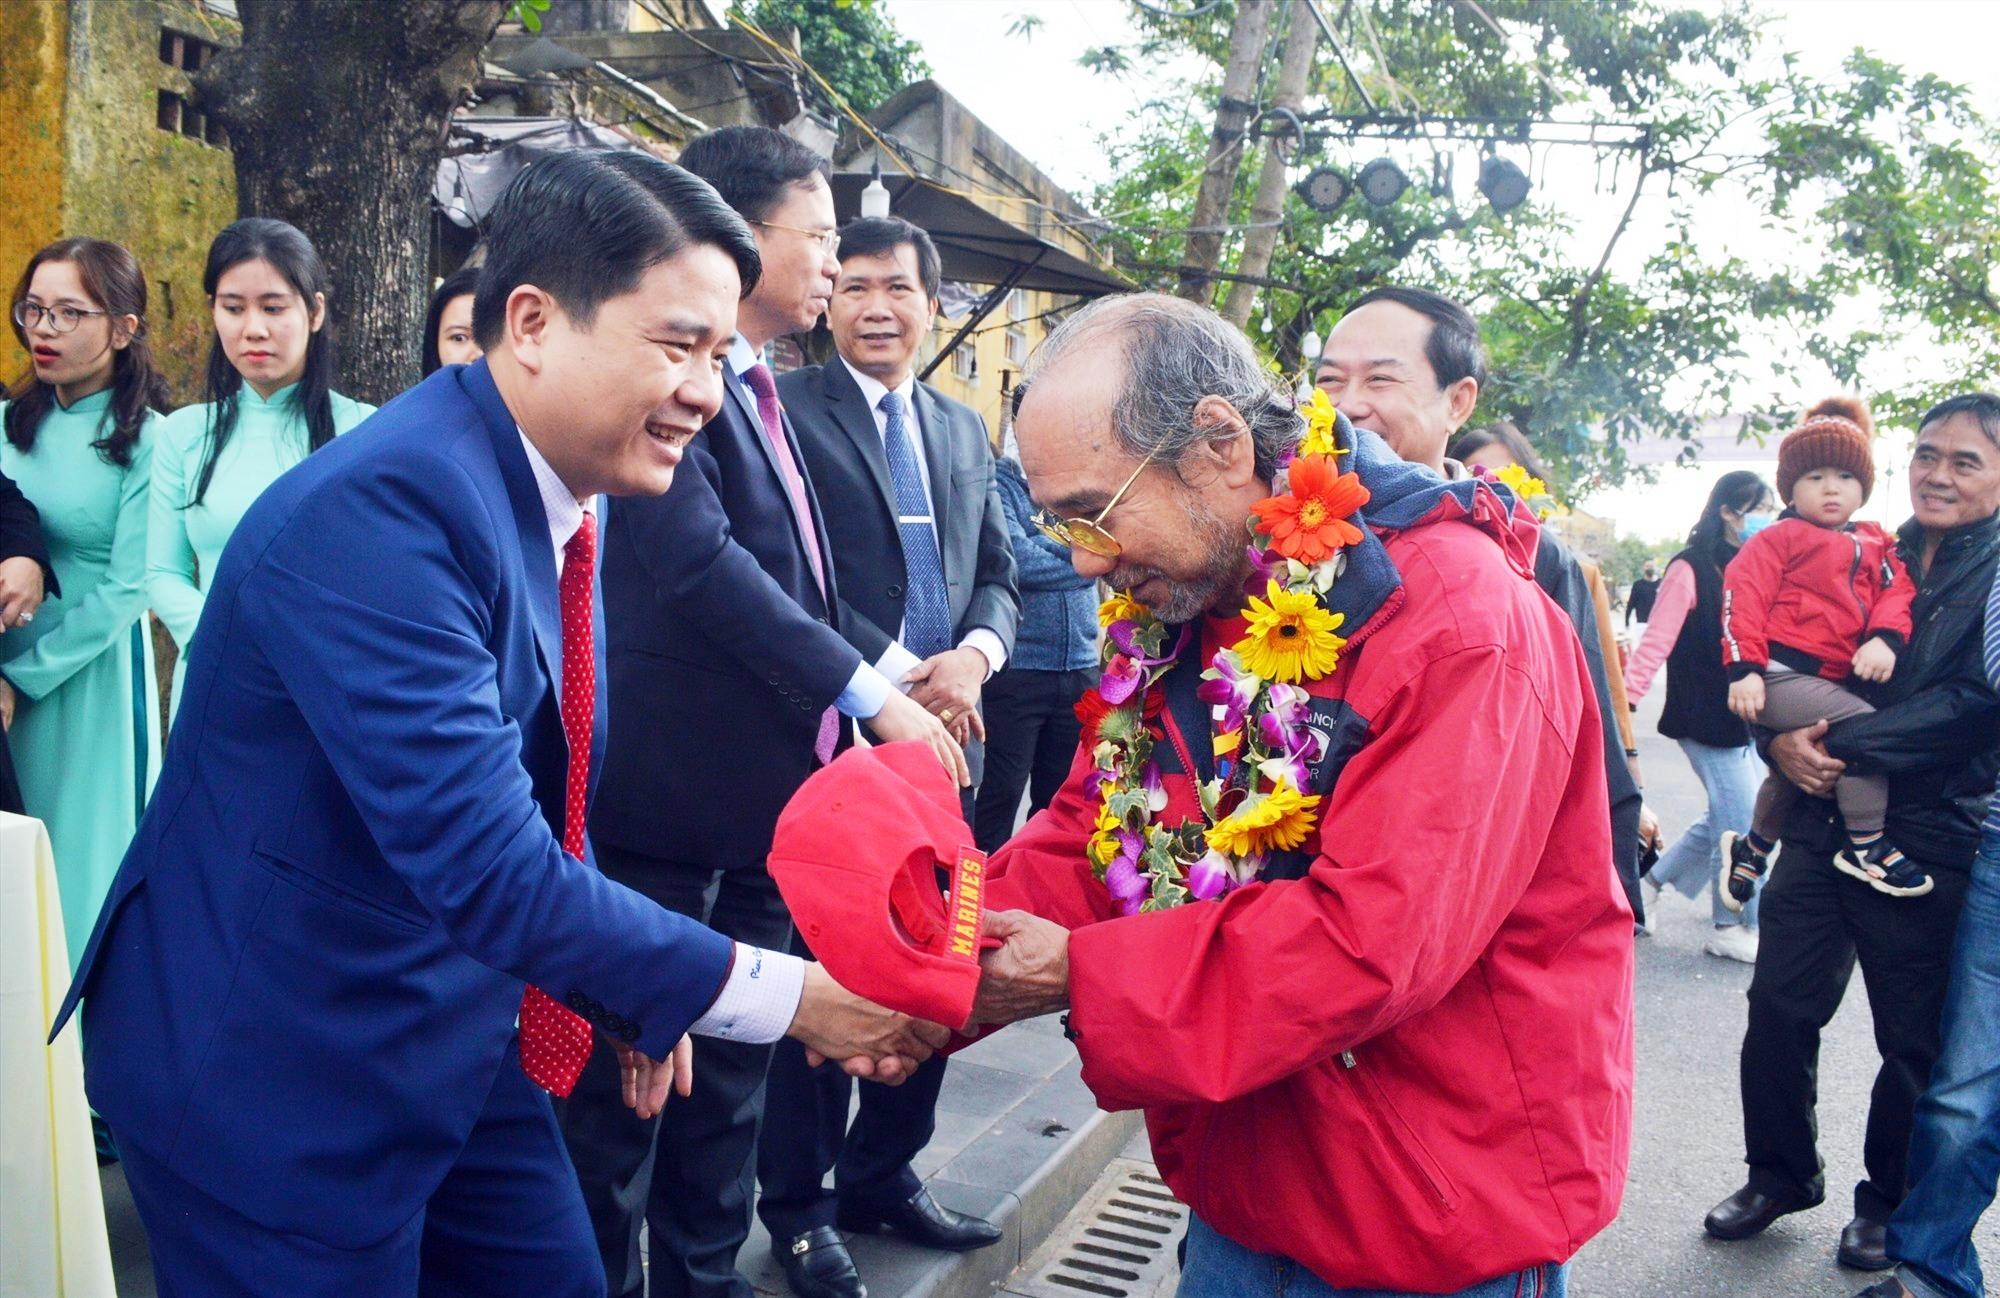 Phó Chủ tịch UBND tỉnh Trần Văn Tân tặng đón những vị khách đầu tiên xông đất Hội An năm 2021